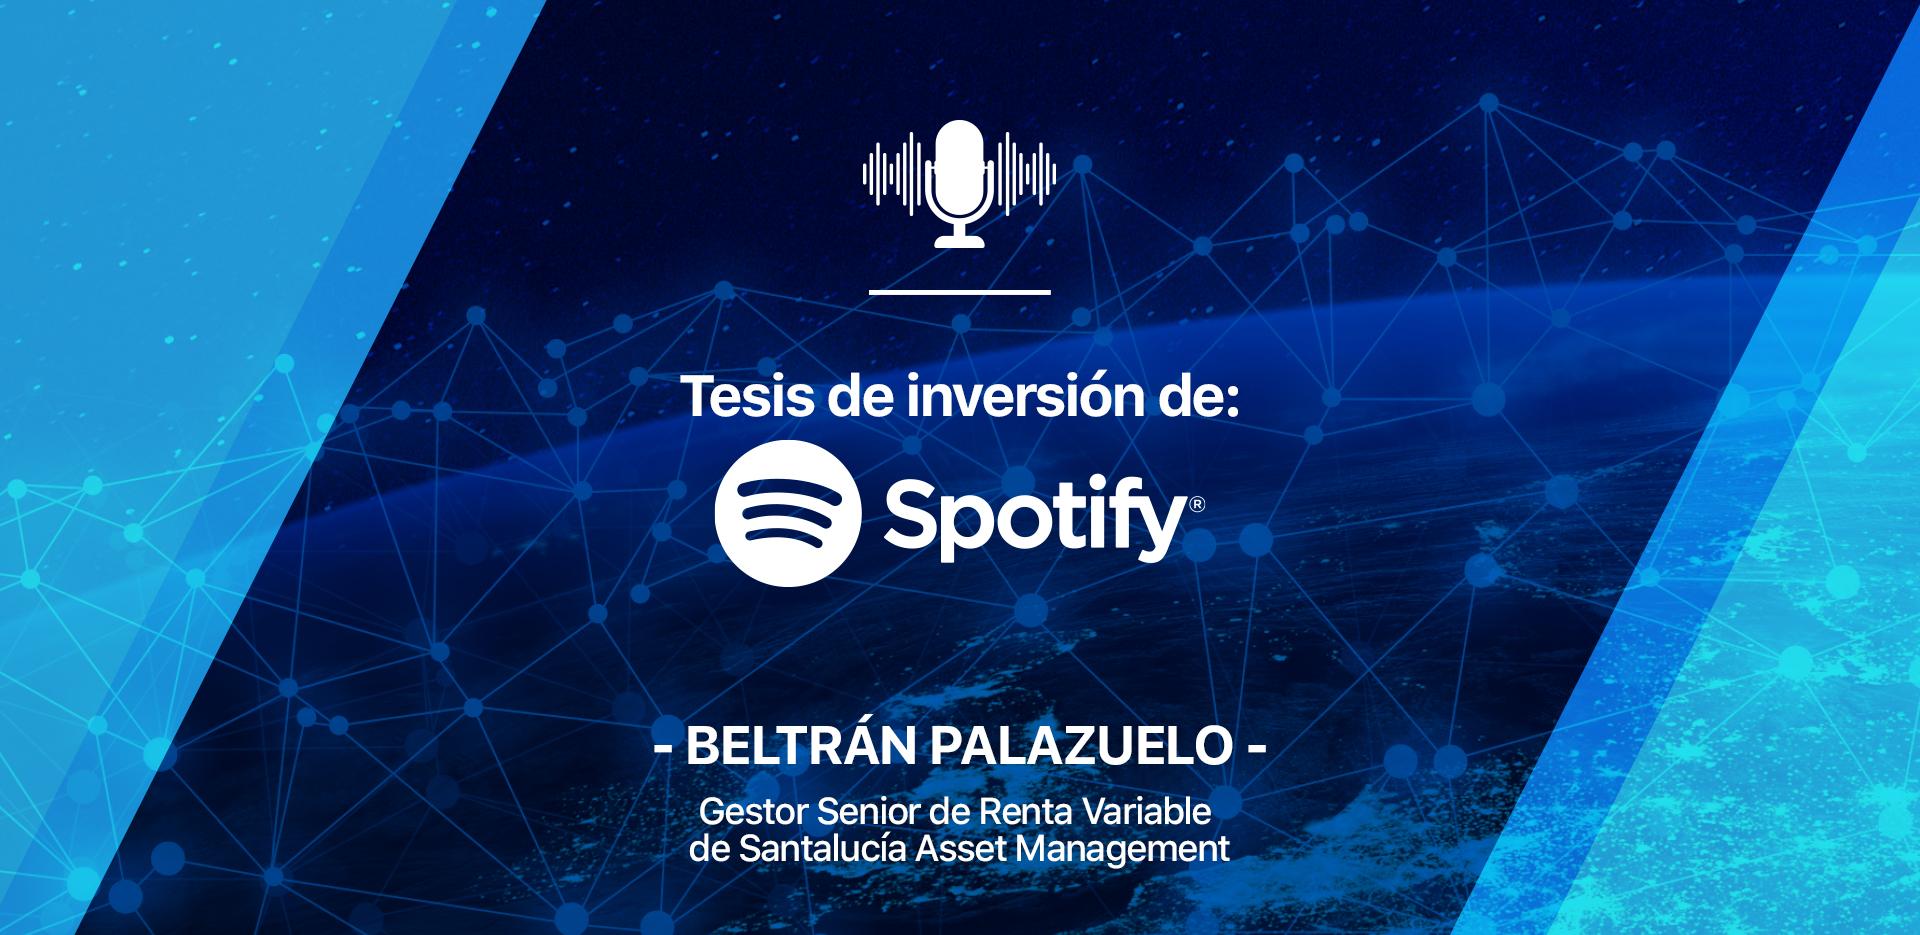 Spotify, la compañía que ha cambiado la industria de la música